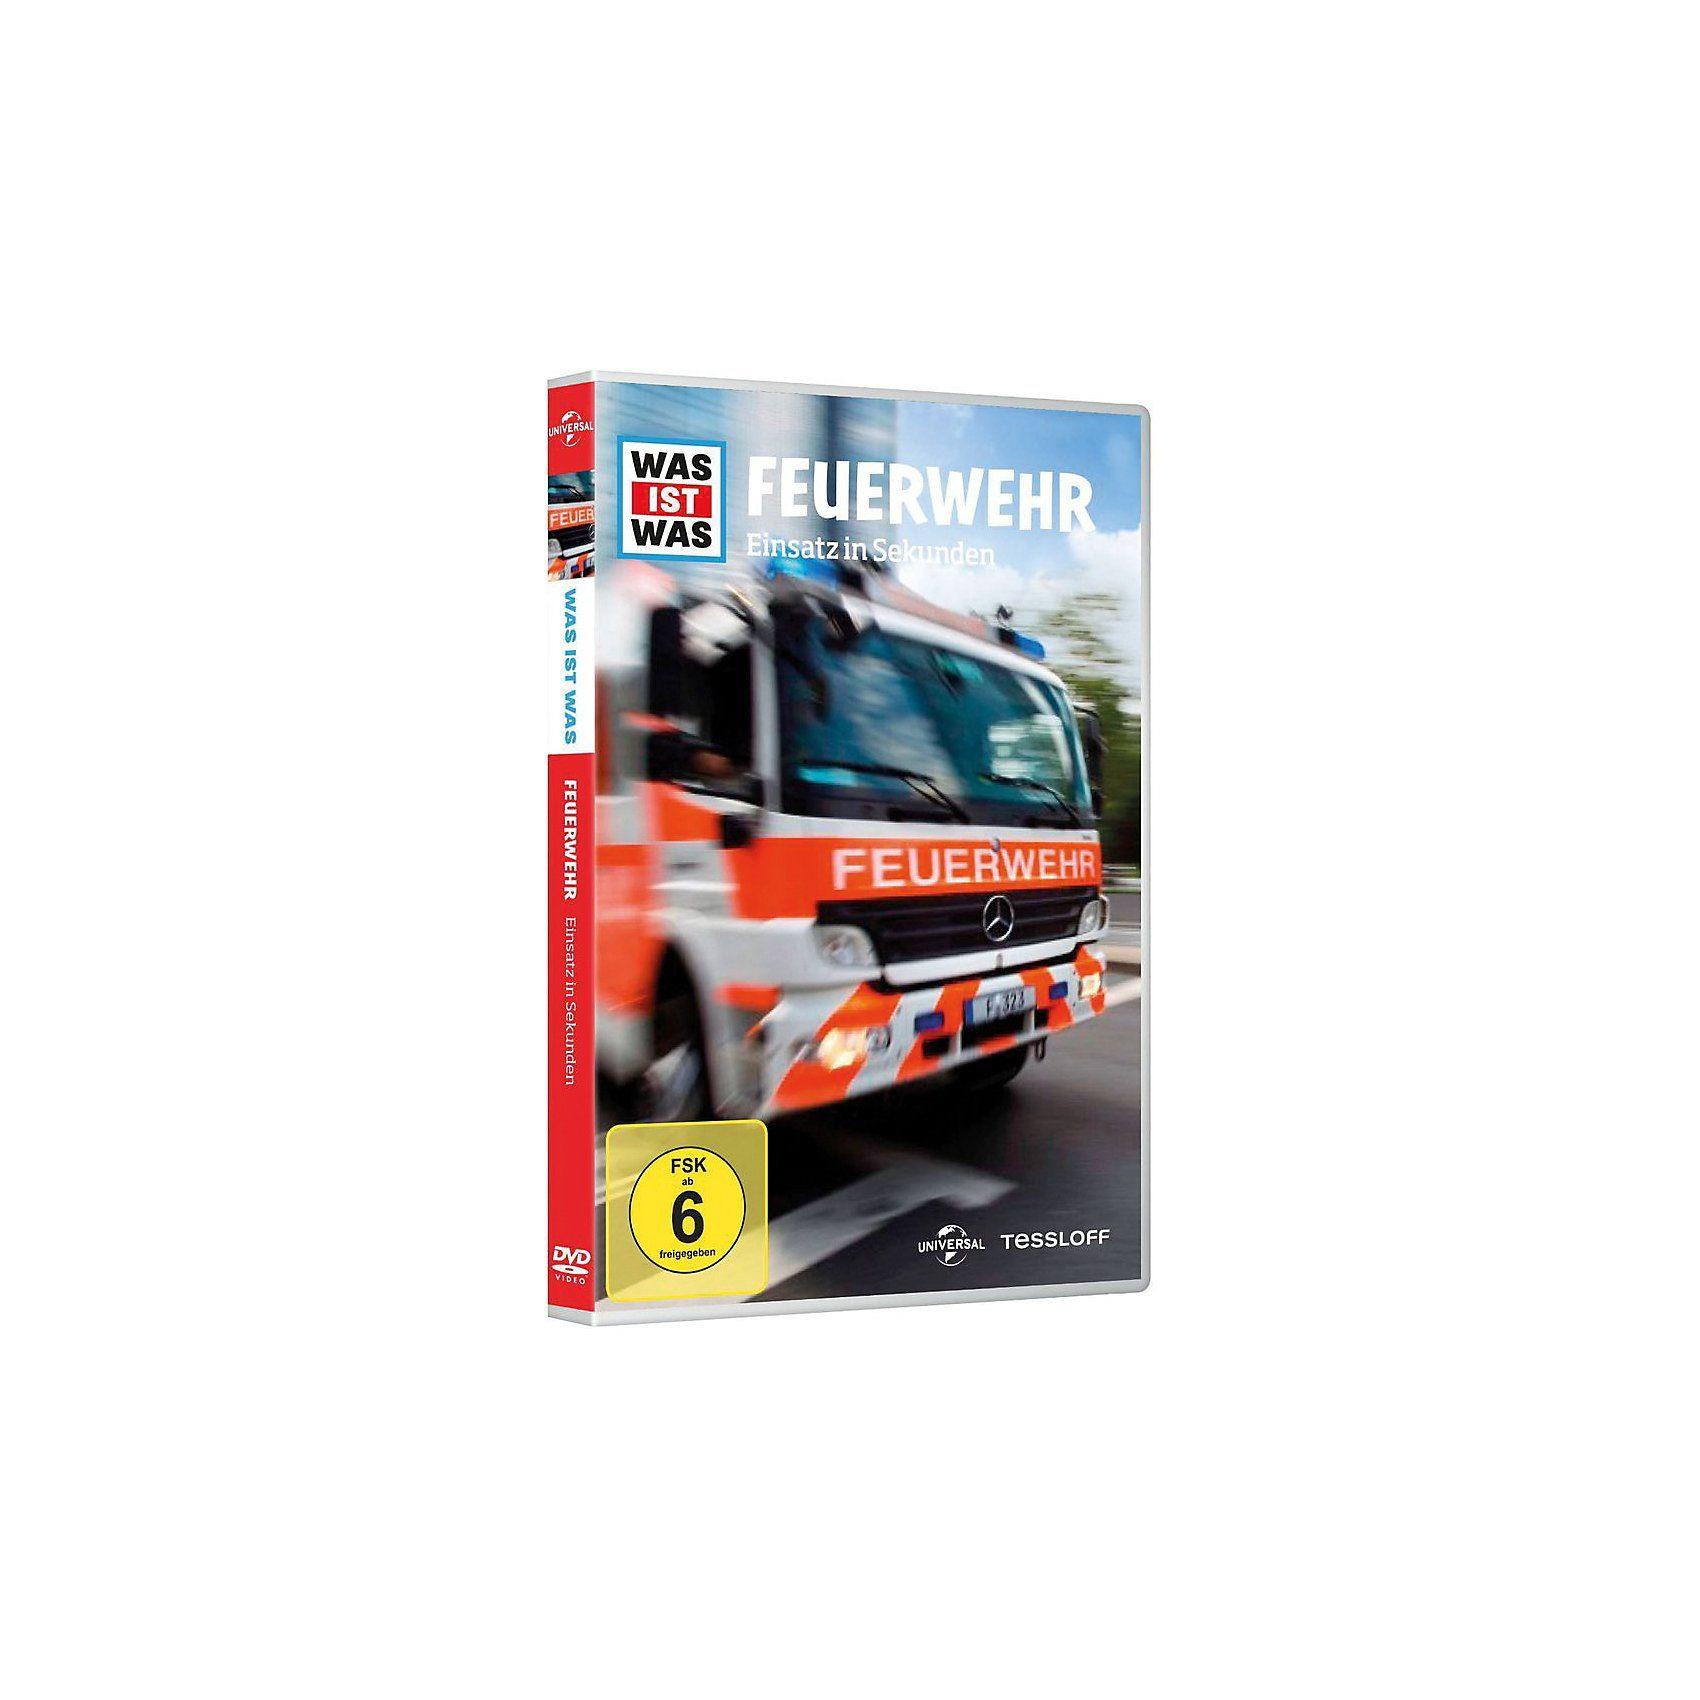 Universal DVD Was ist Was - Feuerwehr